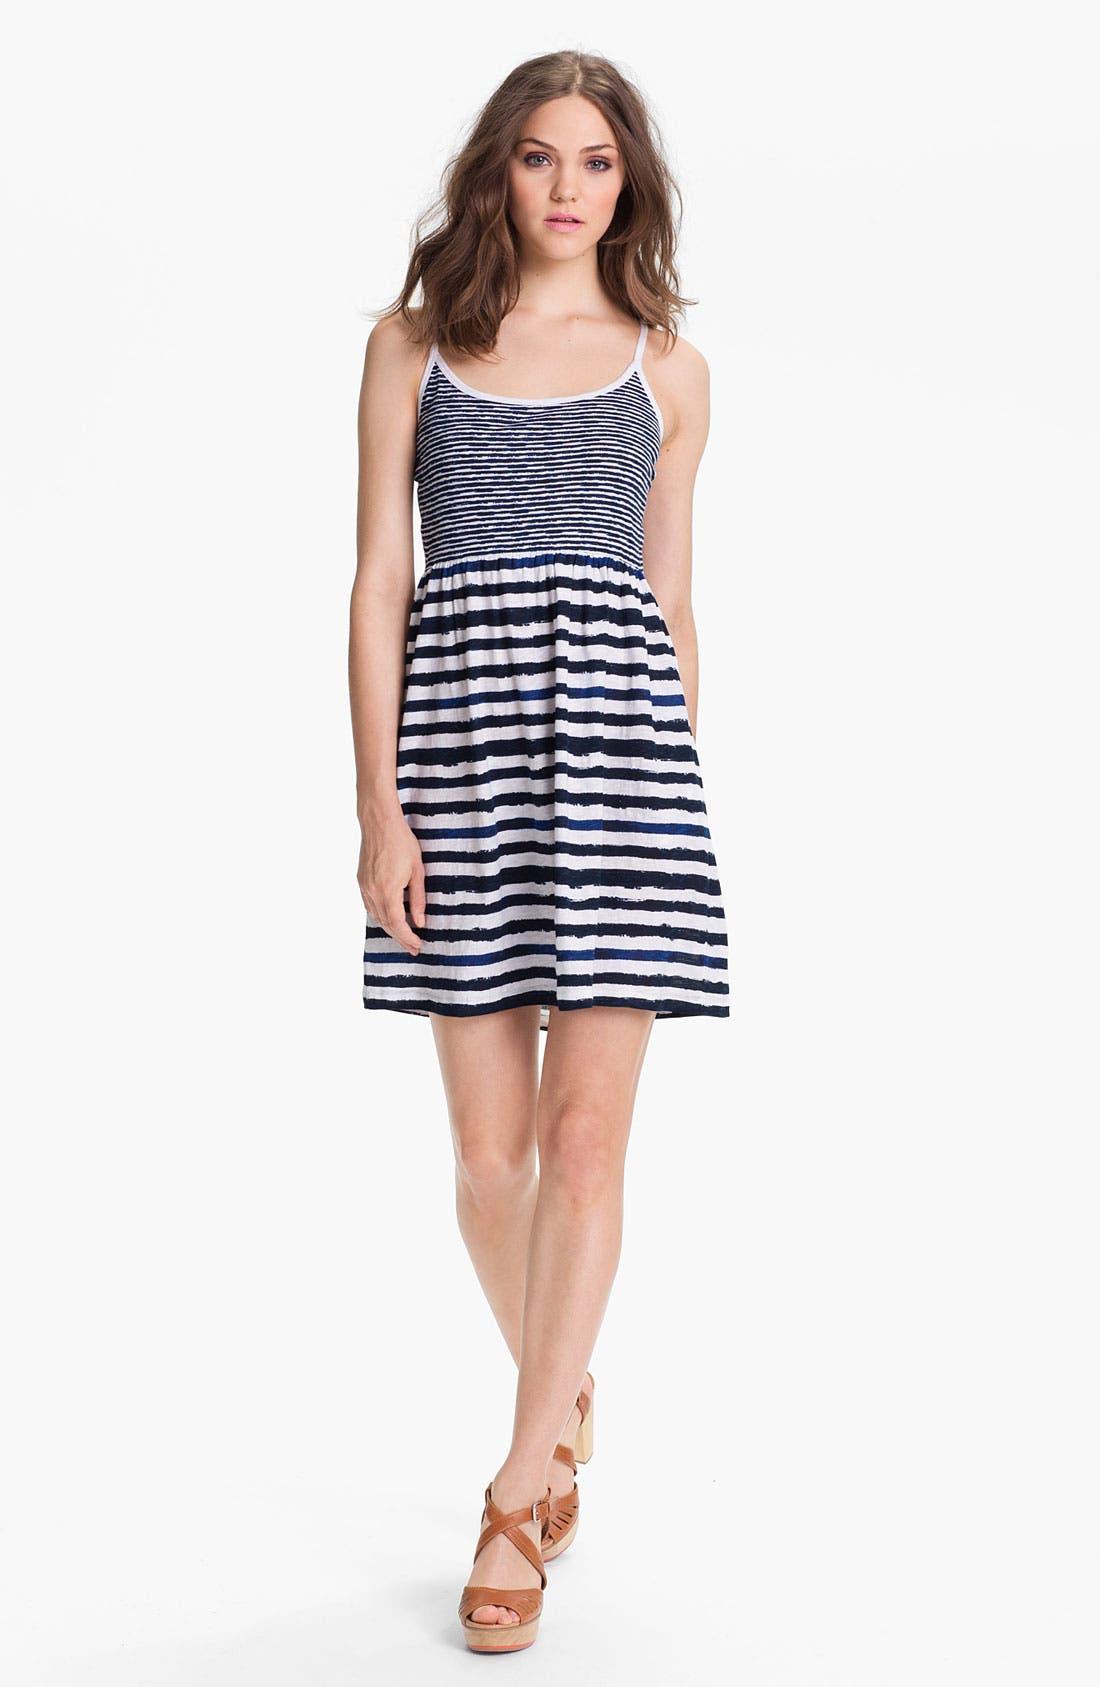 Alternate Image 1 Selected - Caslon Mix Stripe Knit Dress